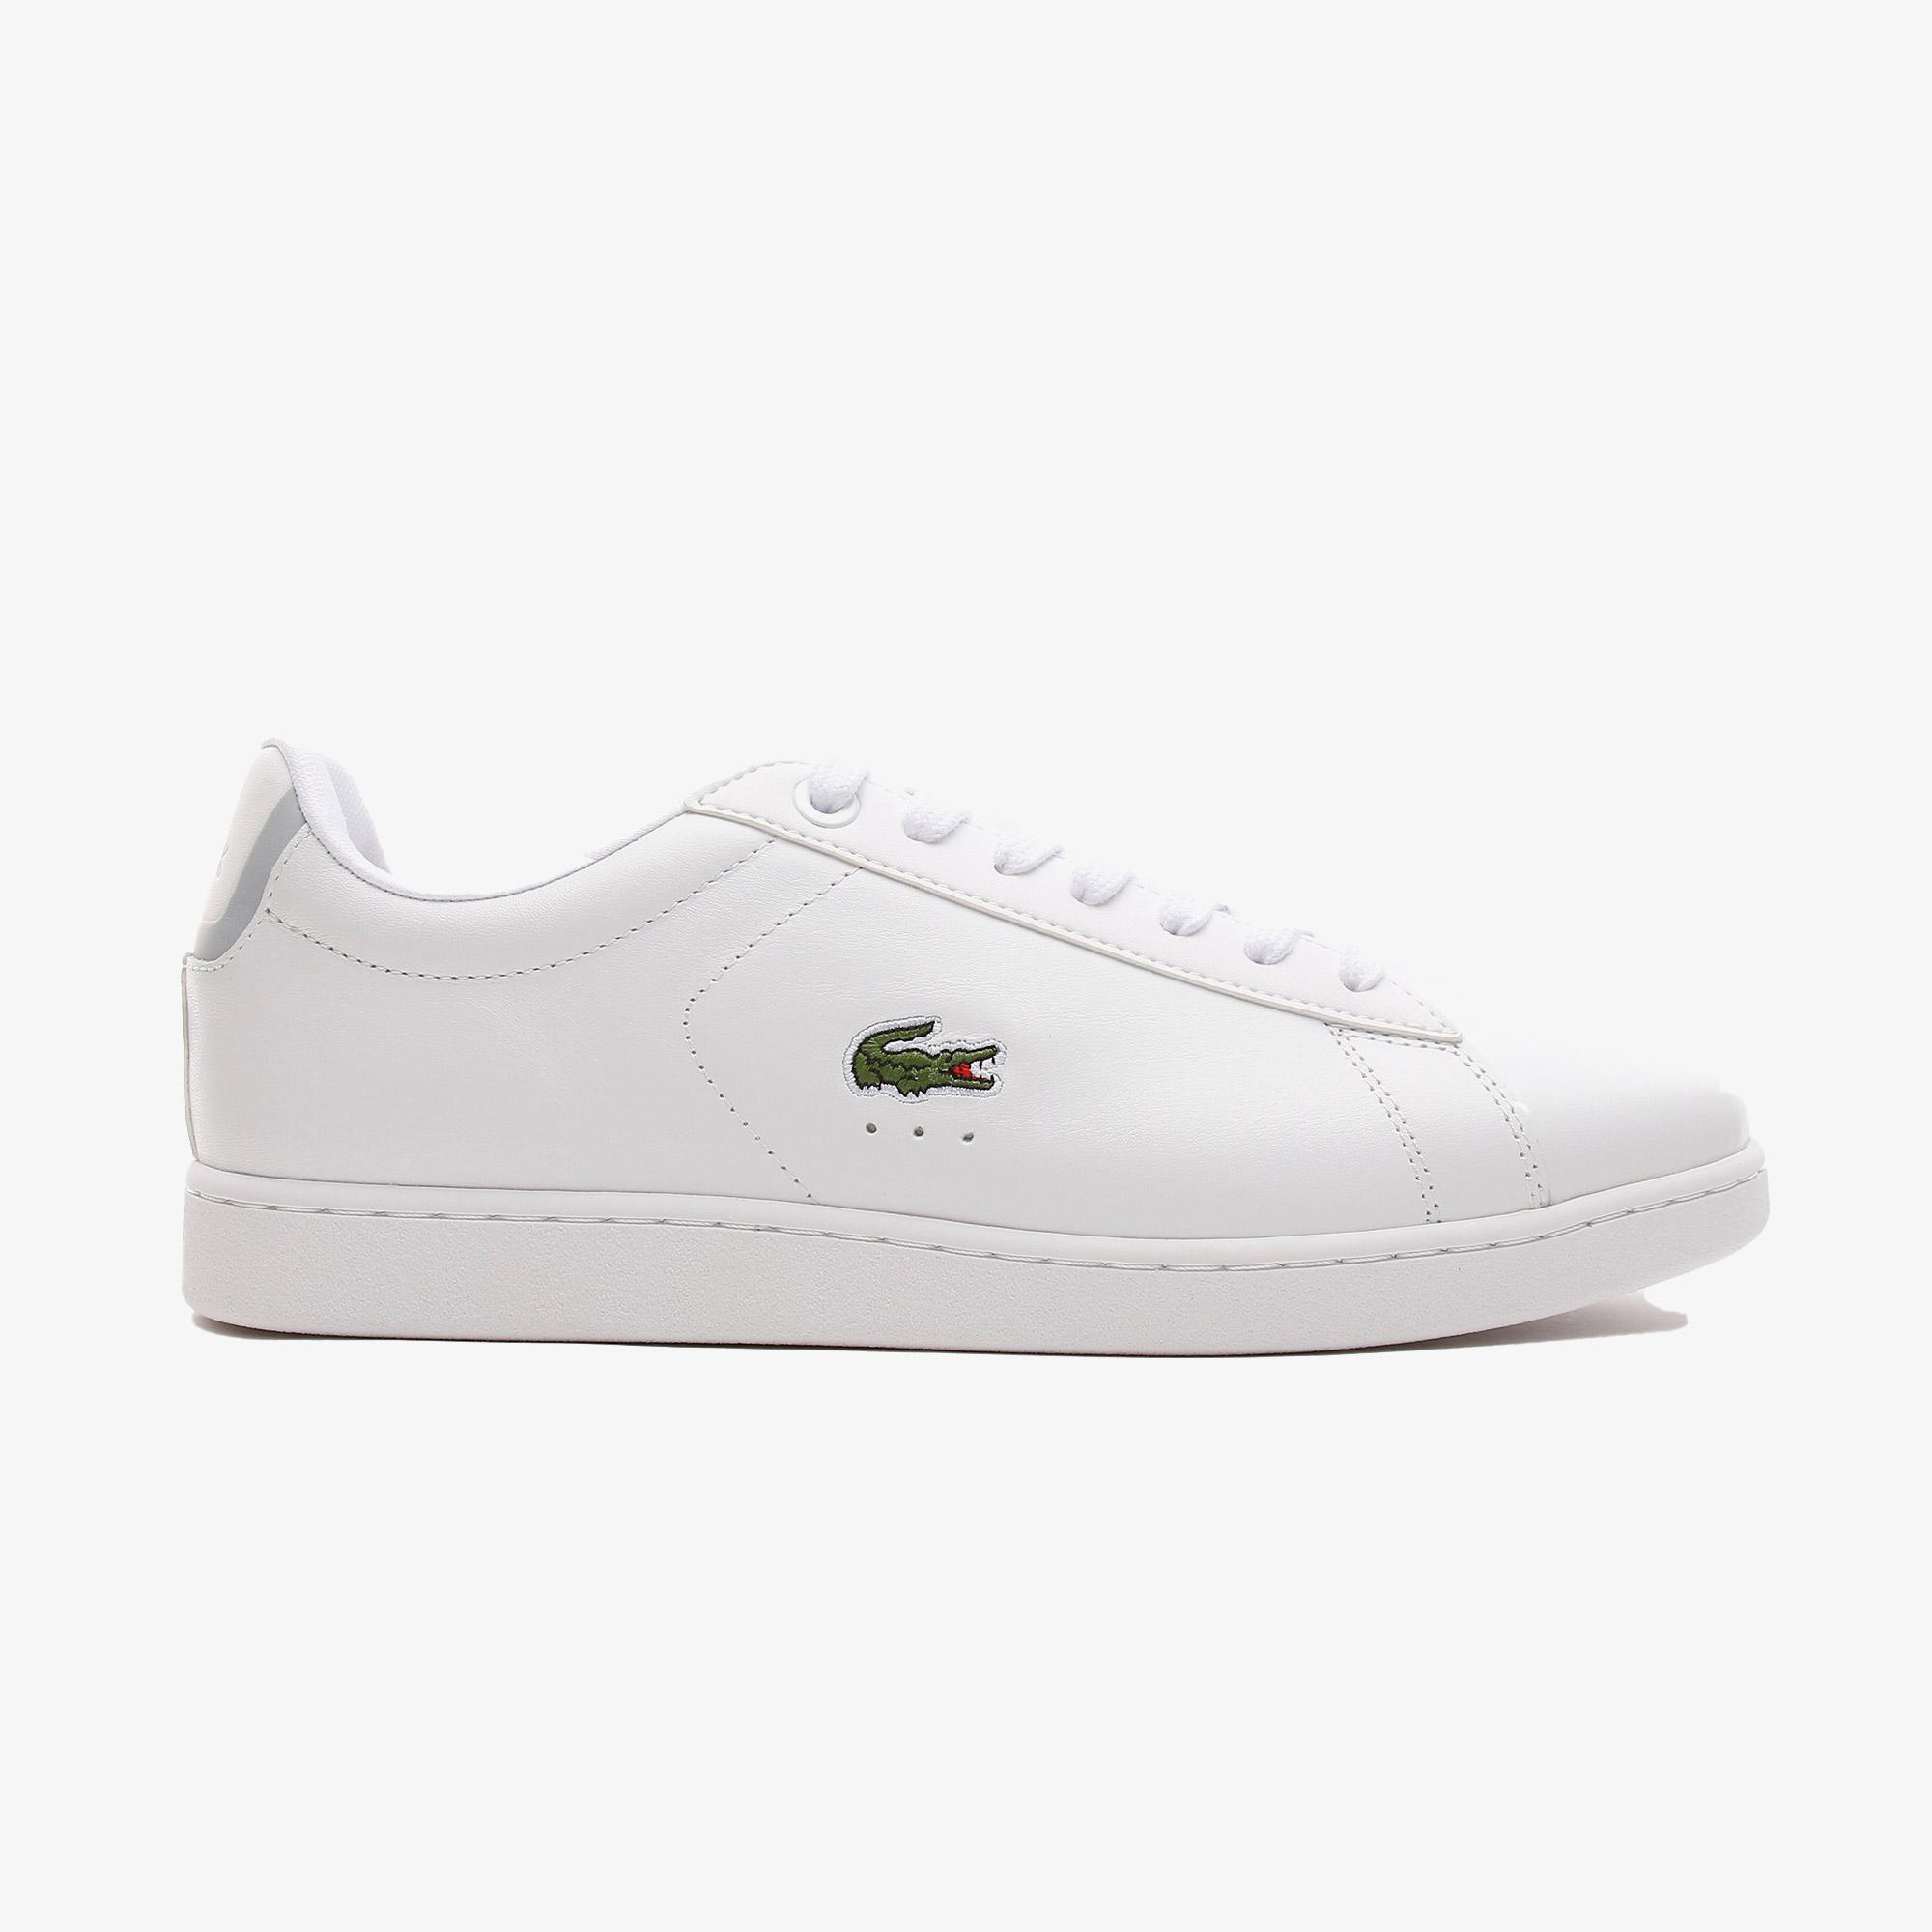 Lacoste Carnaby Bl21 1 Sma Erkek Beyaz Spor Ayakkabı